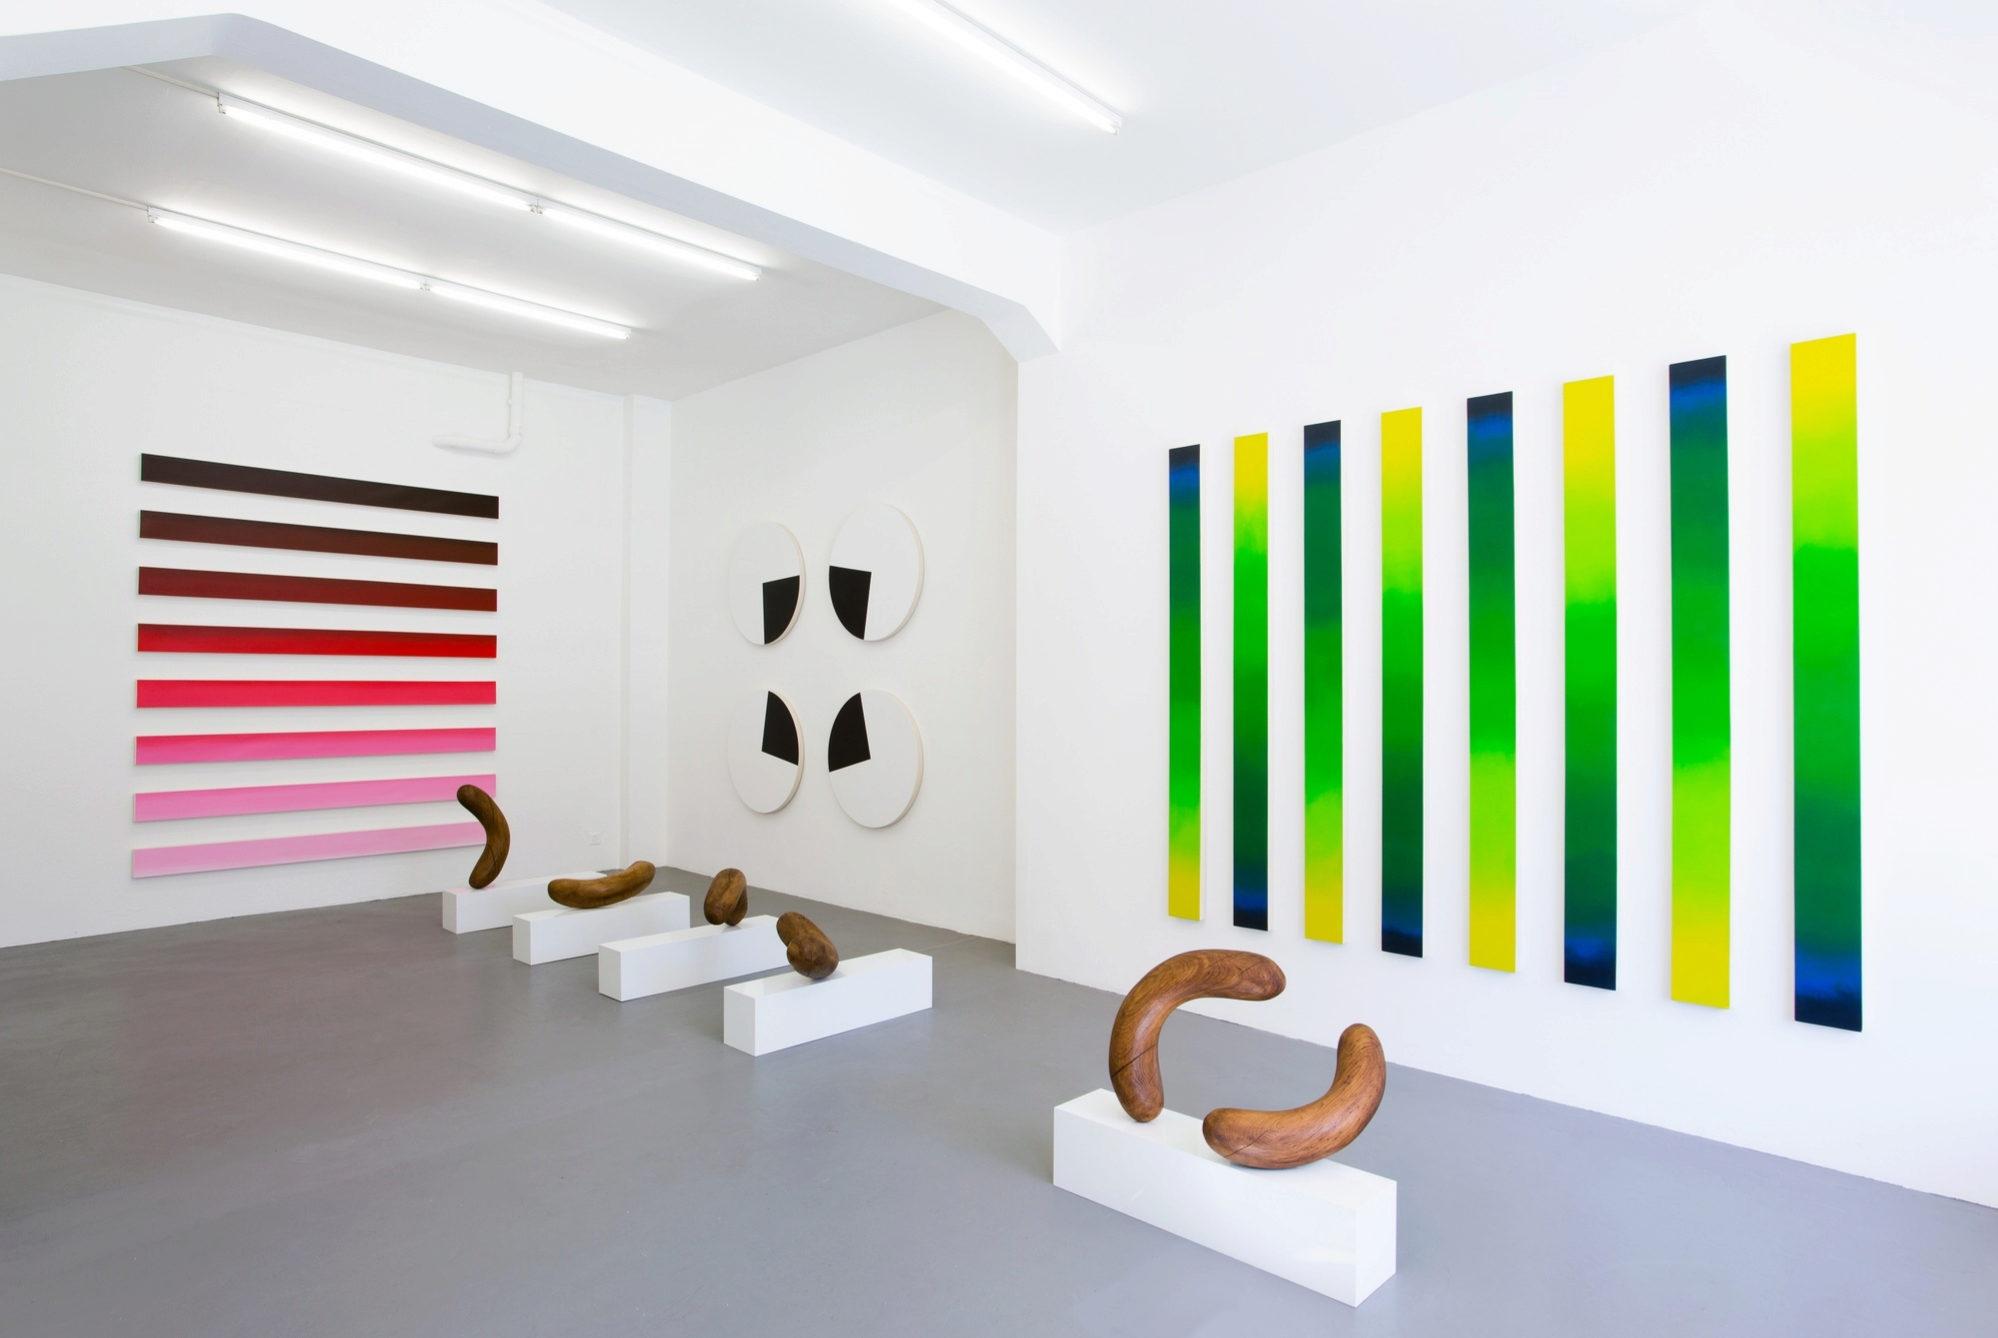 La obra de Claudia Comte es un obligatorio para este 2017.